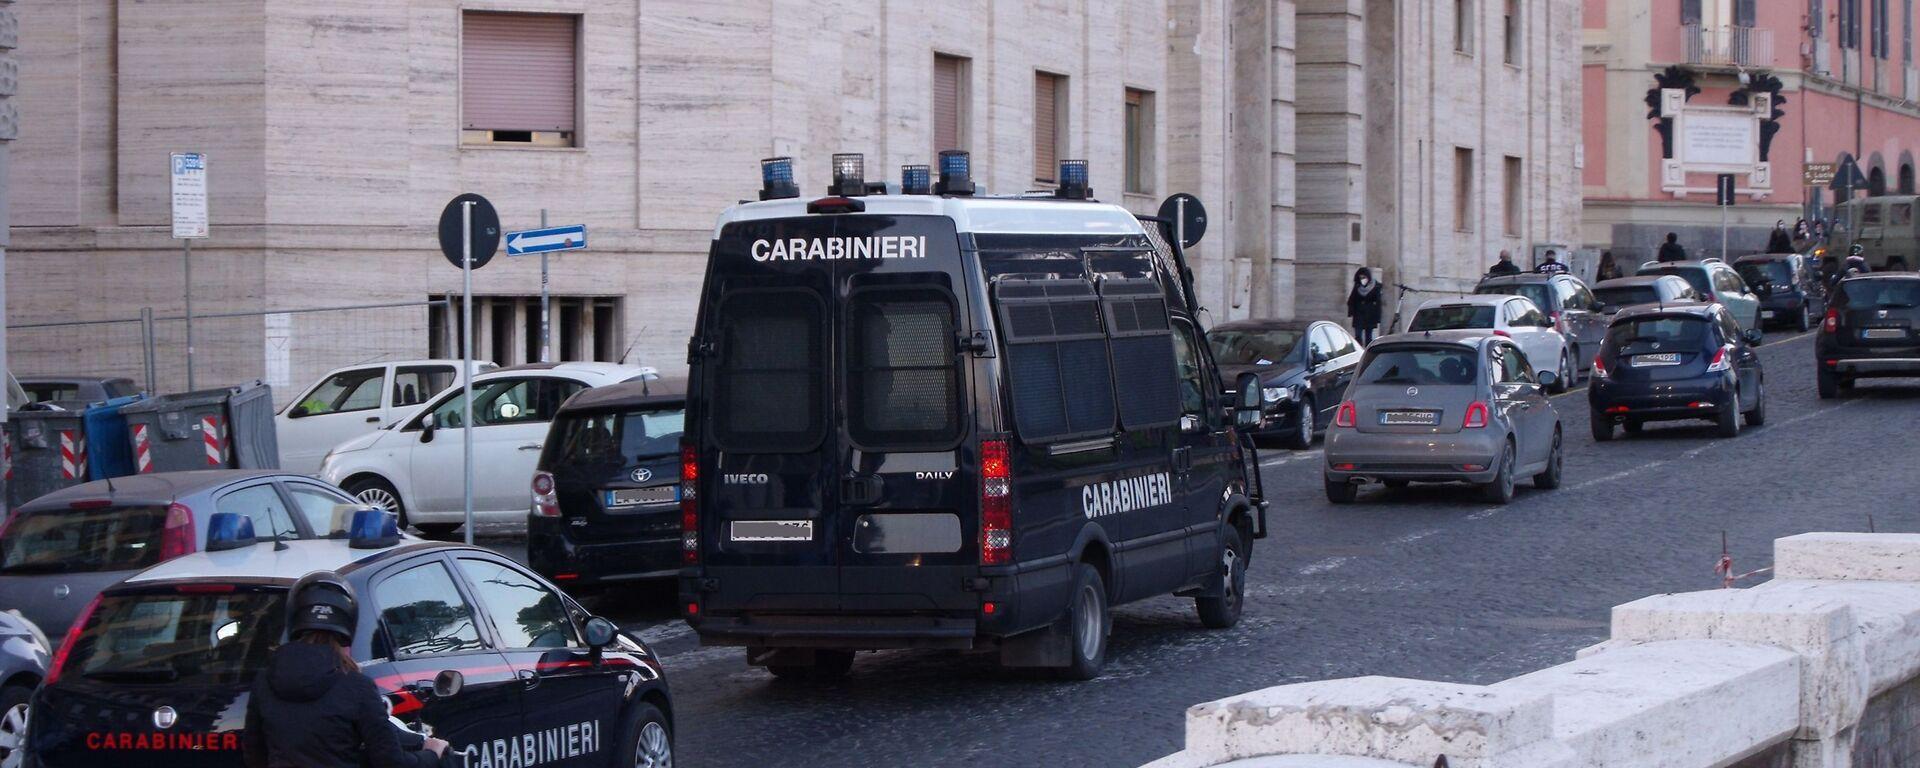 Auto e furgone carabinieri  - Sputnik Italia, 1920, 24.06.2021